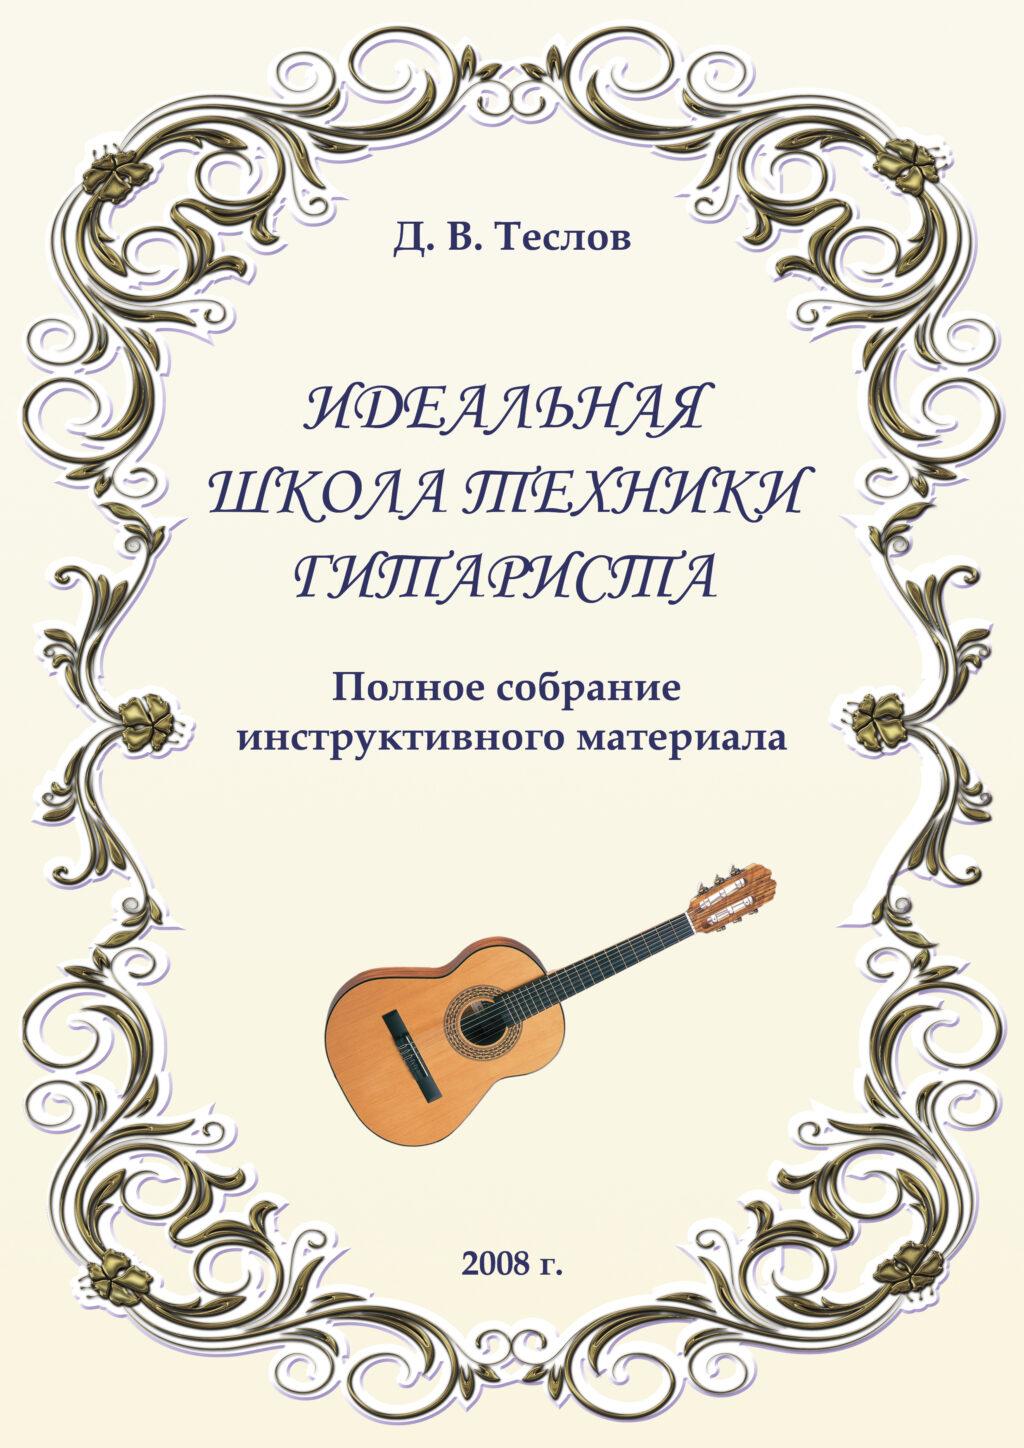 Идеальная школа техники гитариста. Теслов Д.